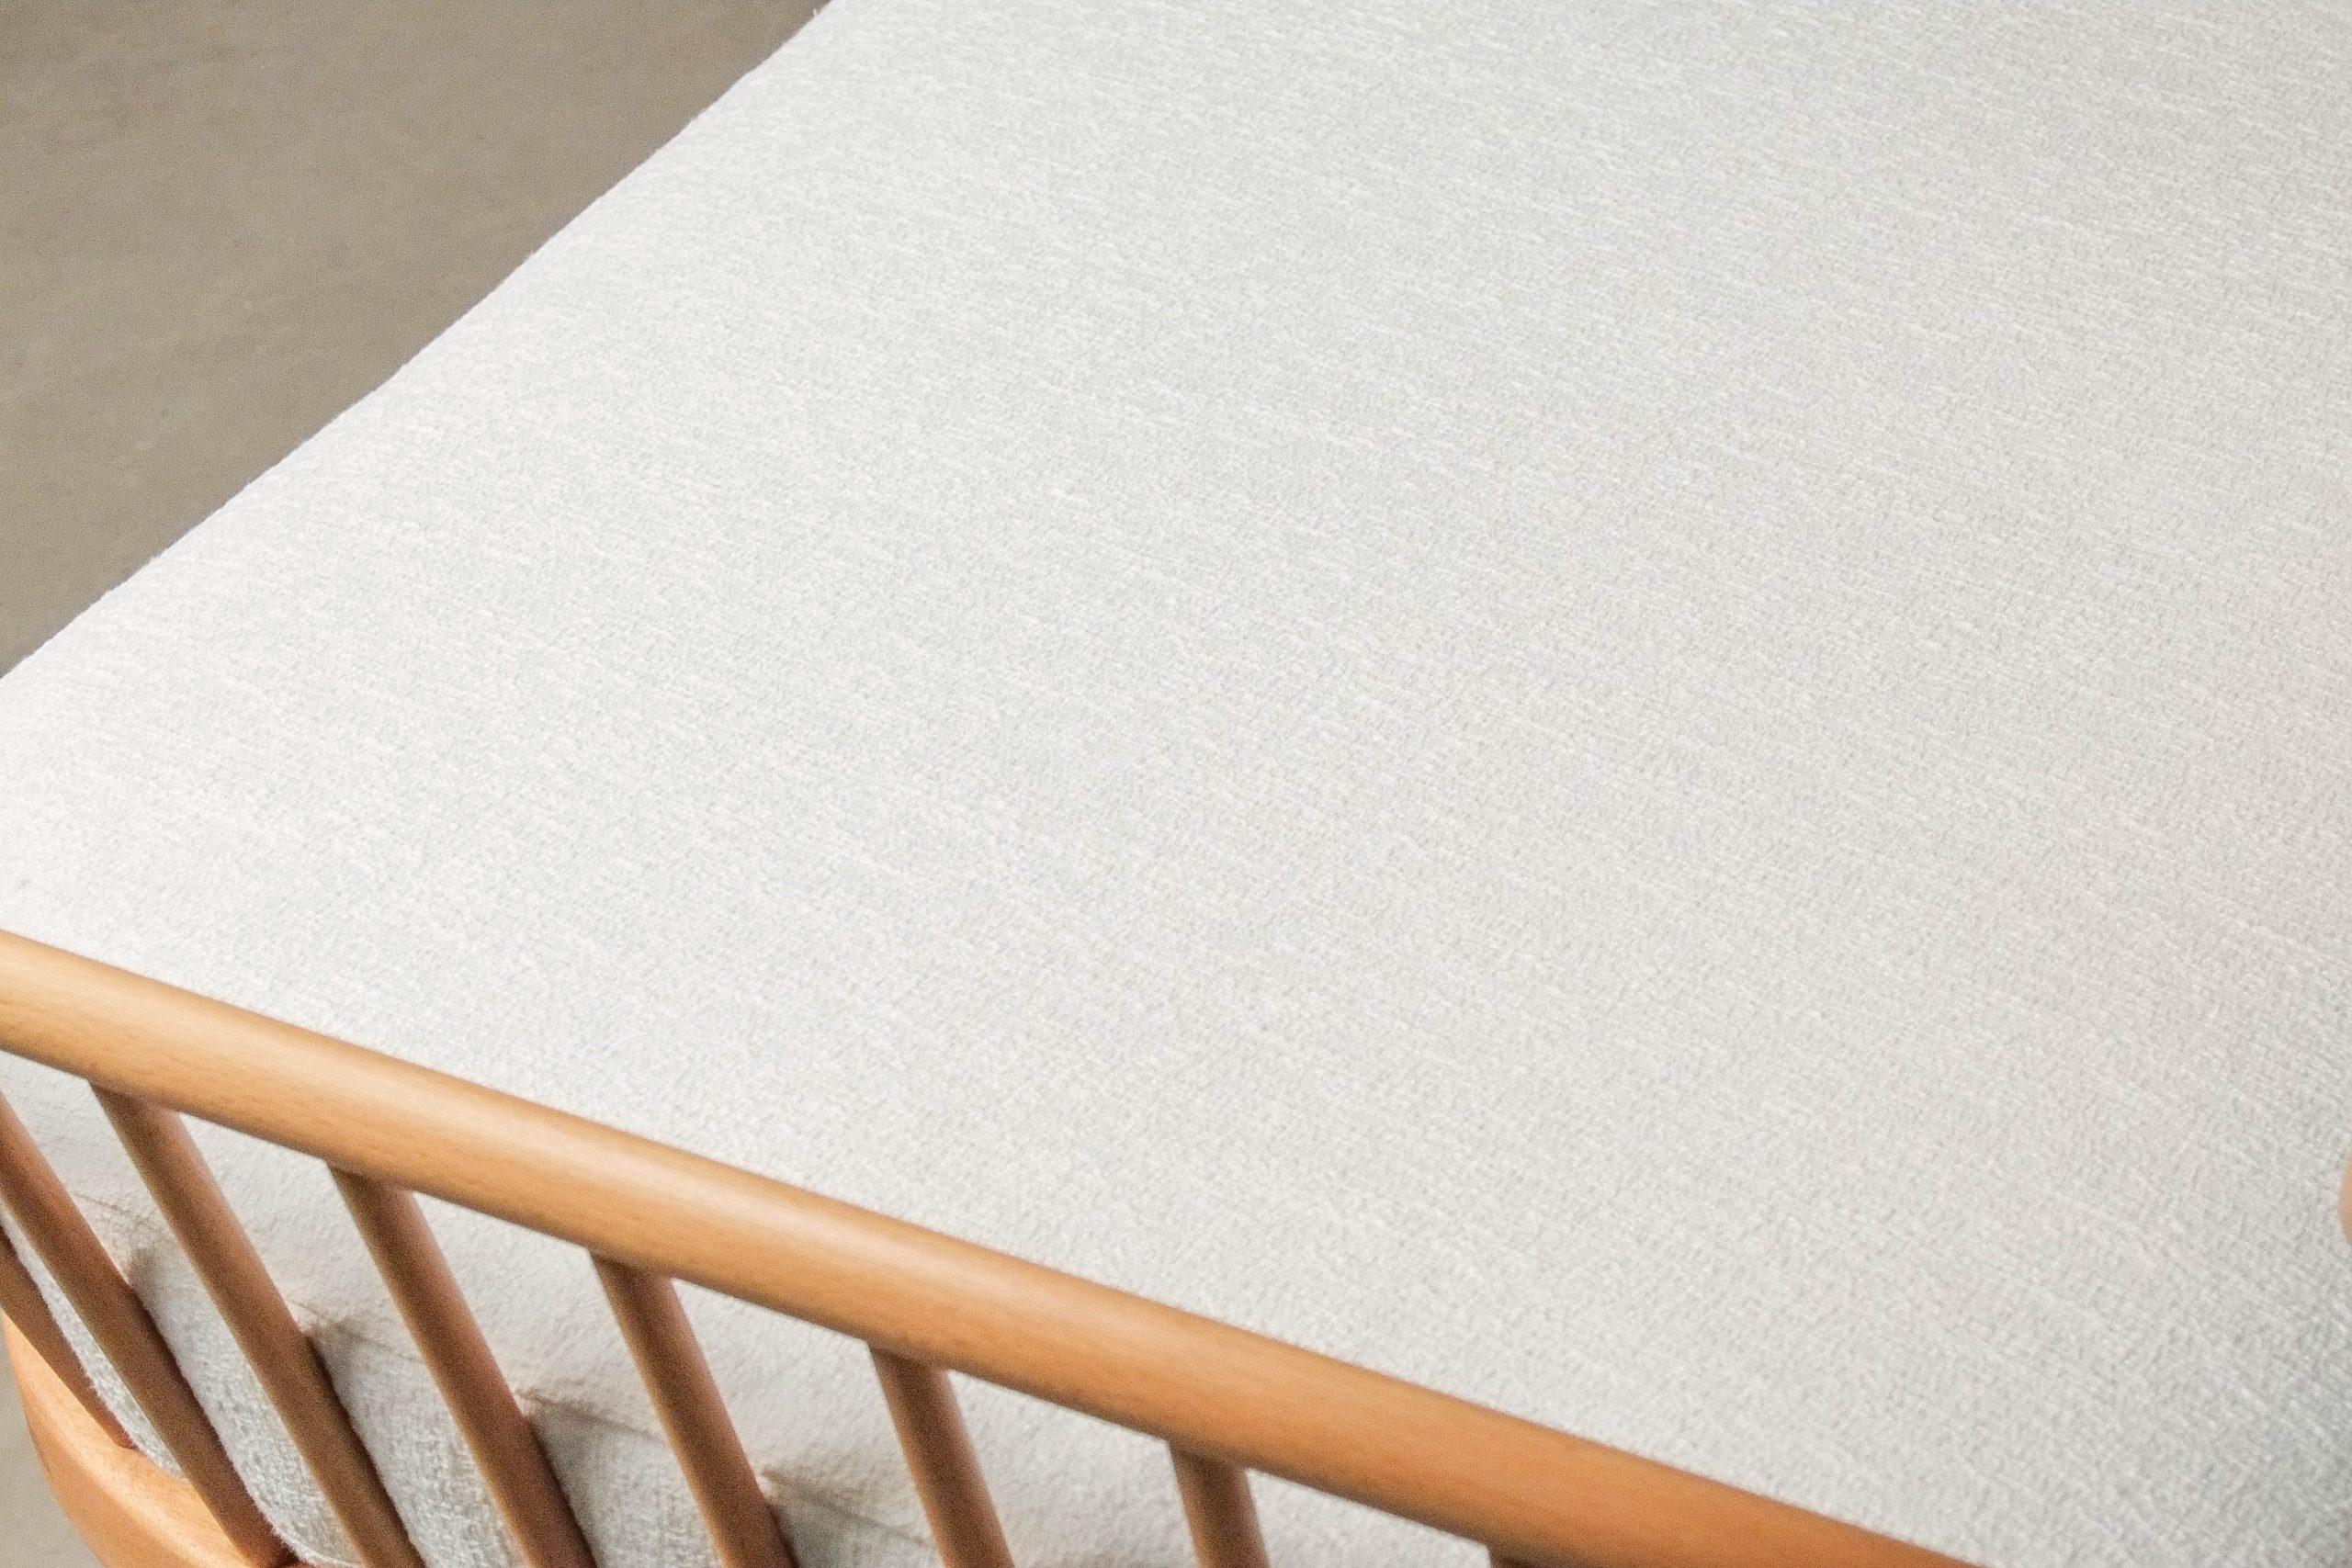 sofa ercol de diseño de madera maciza de calidad